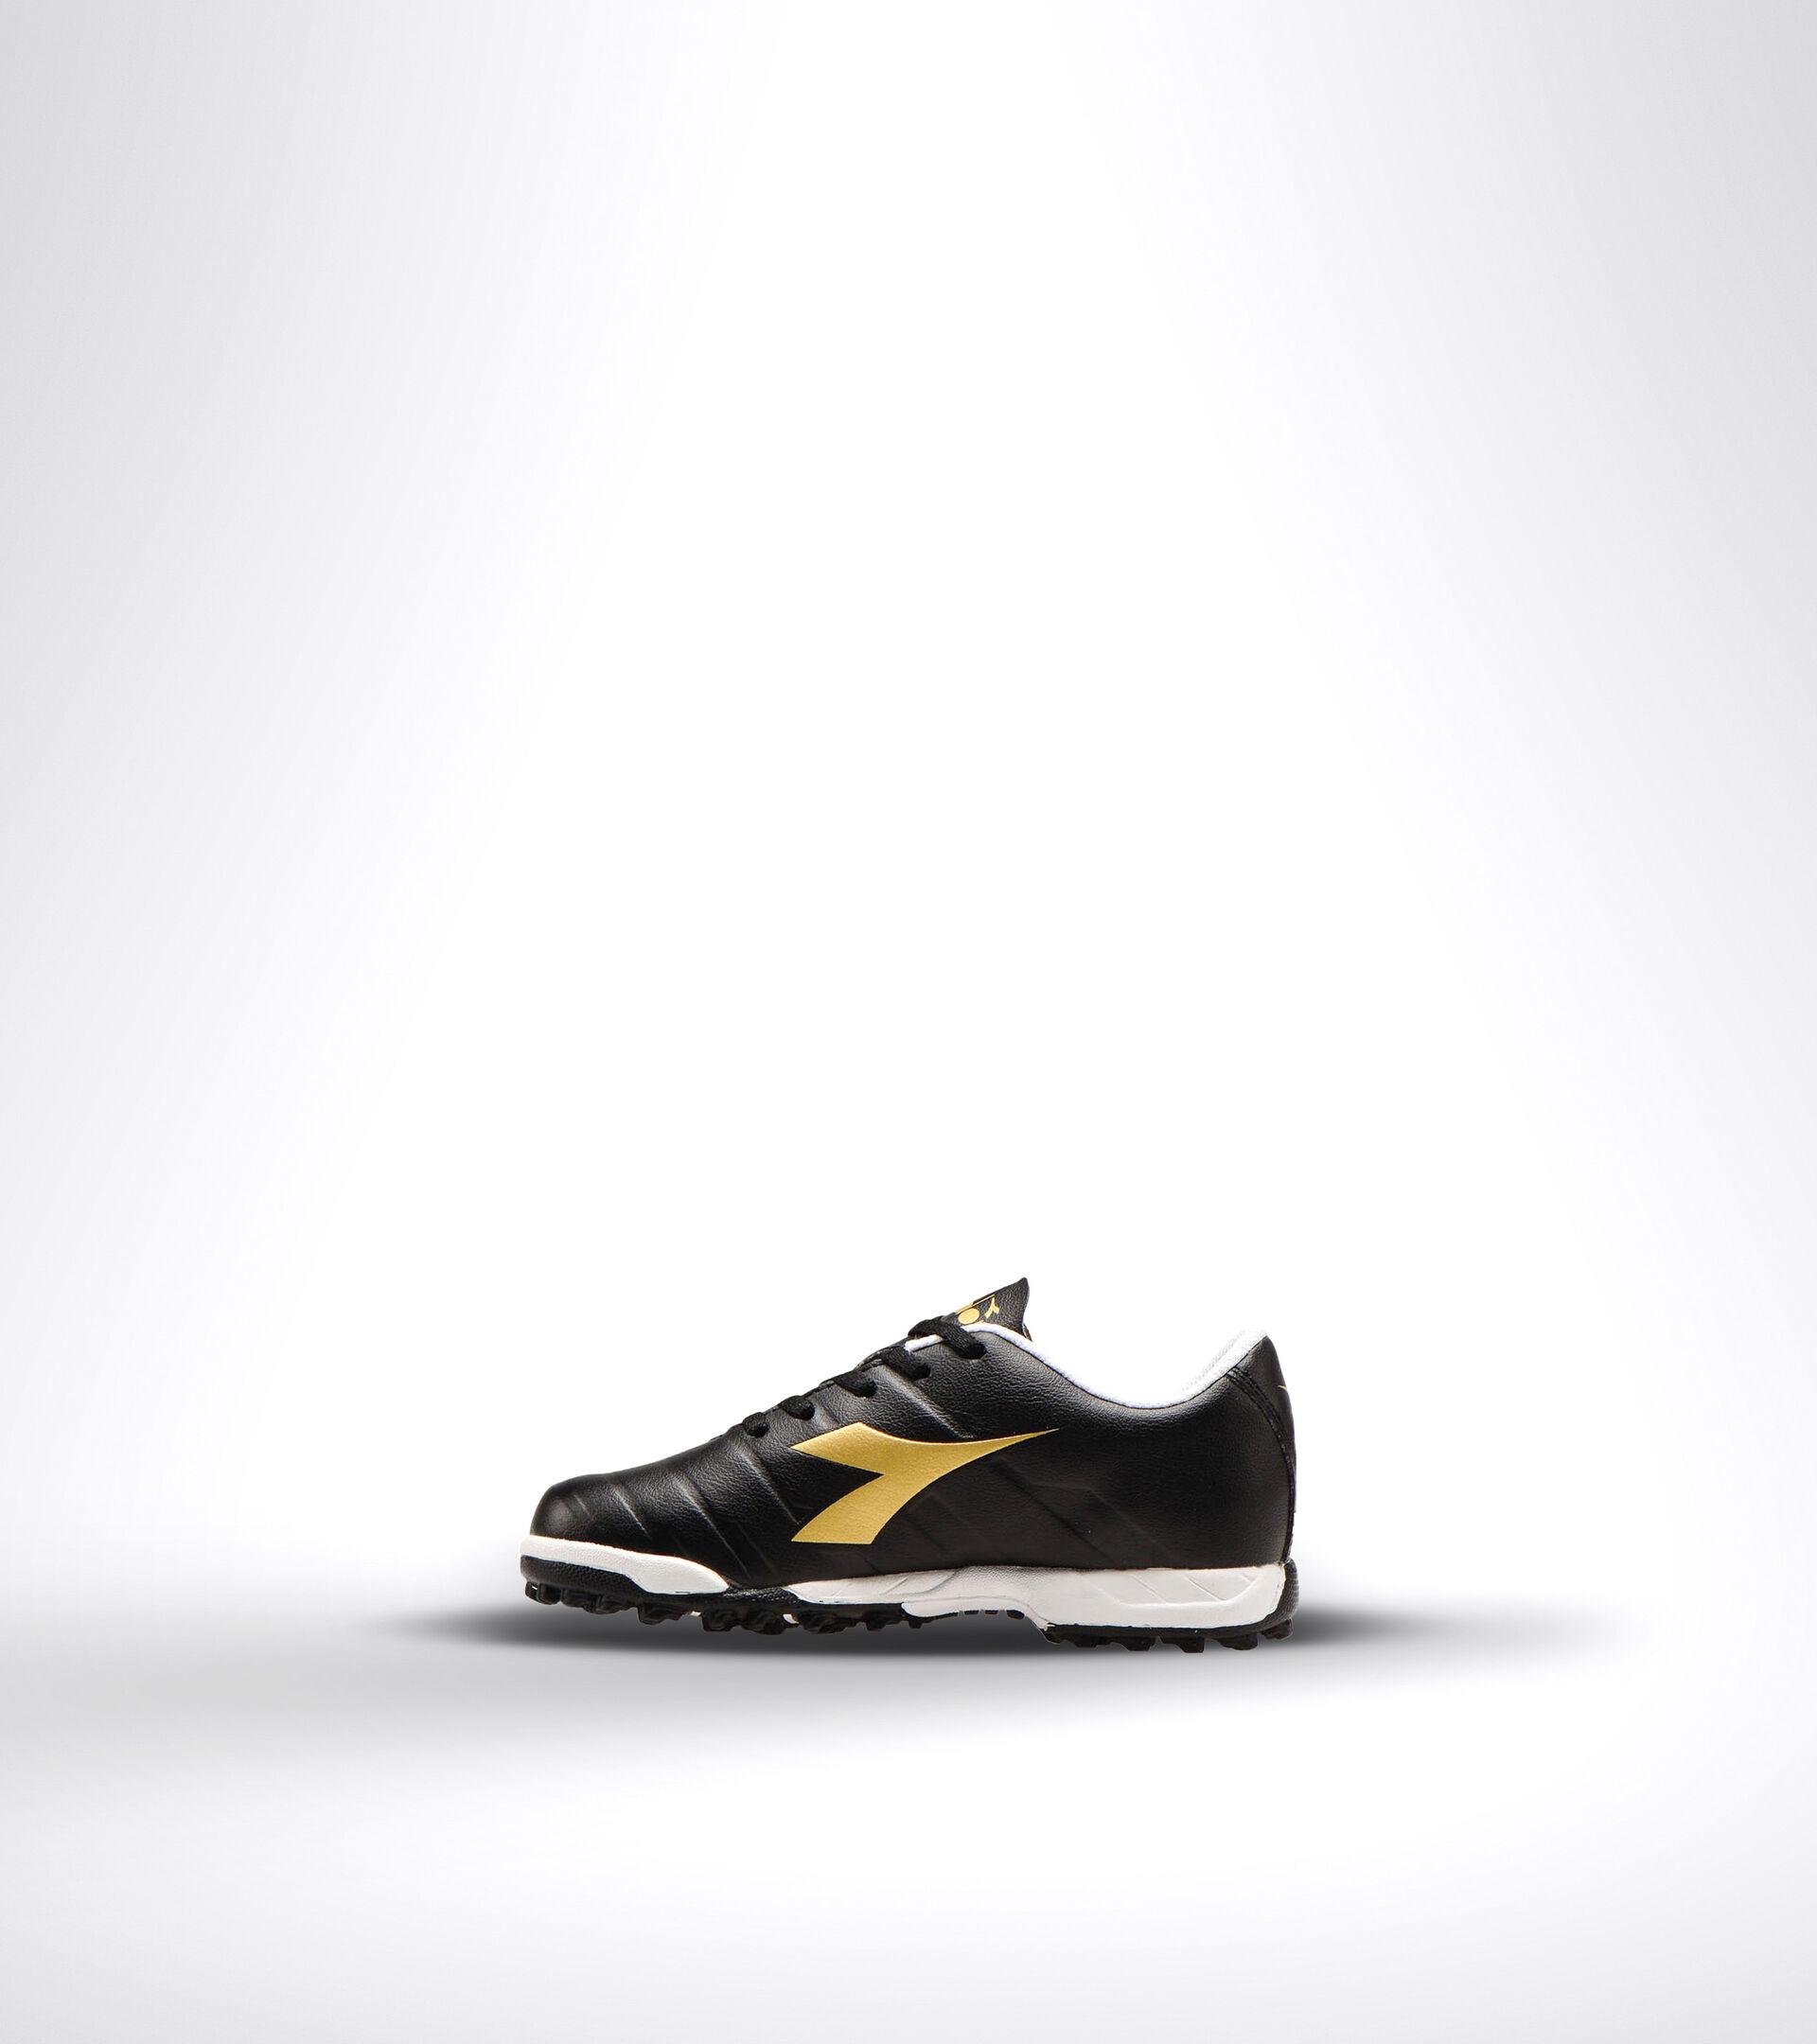 Chaussures de football pour terrains durs ou gazon synthétique - Unisexe Enfant PICHICHI 3 TF JR NOIR/BLANC/OR BRUN - Diadora